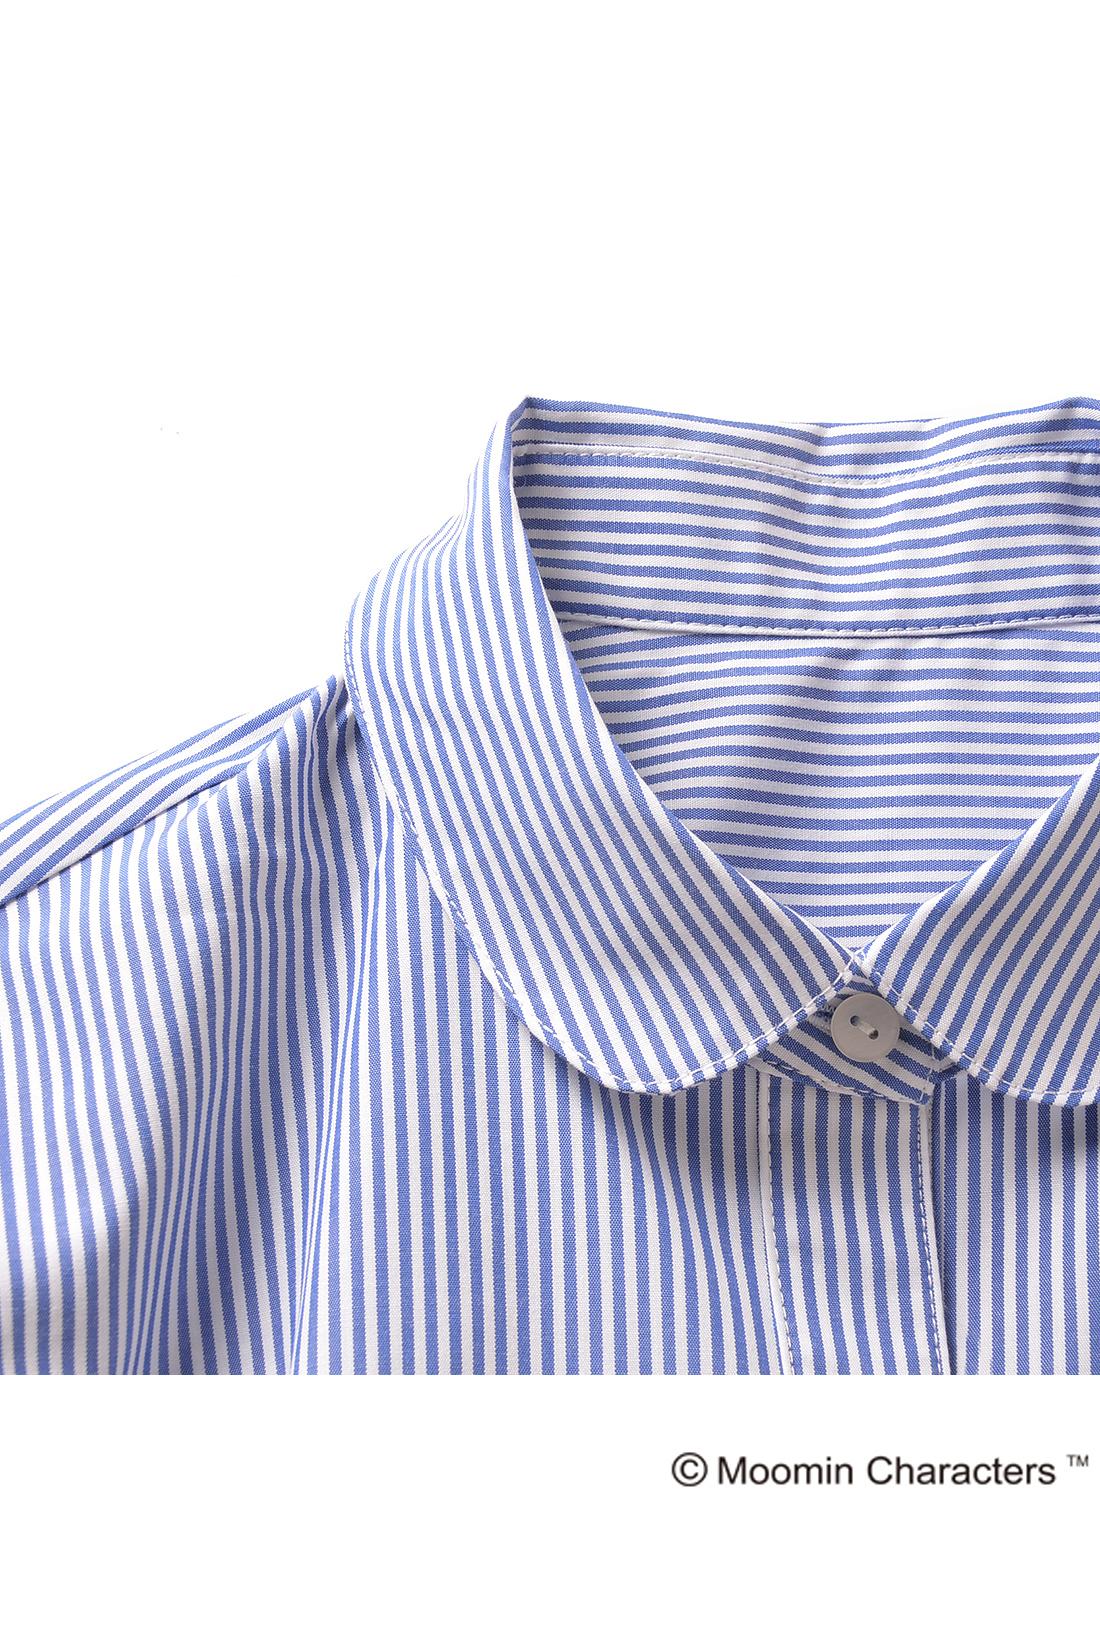 衿やカフスは本格仕様。きちんとしているのにレースはニョロニョロというギャップにキュン。